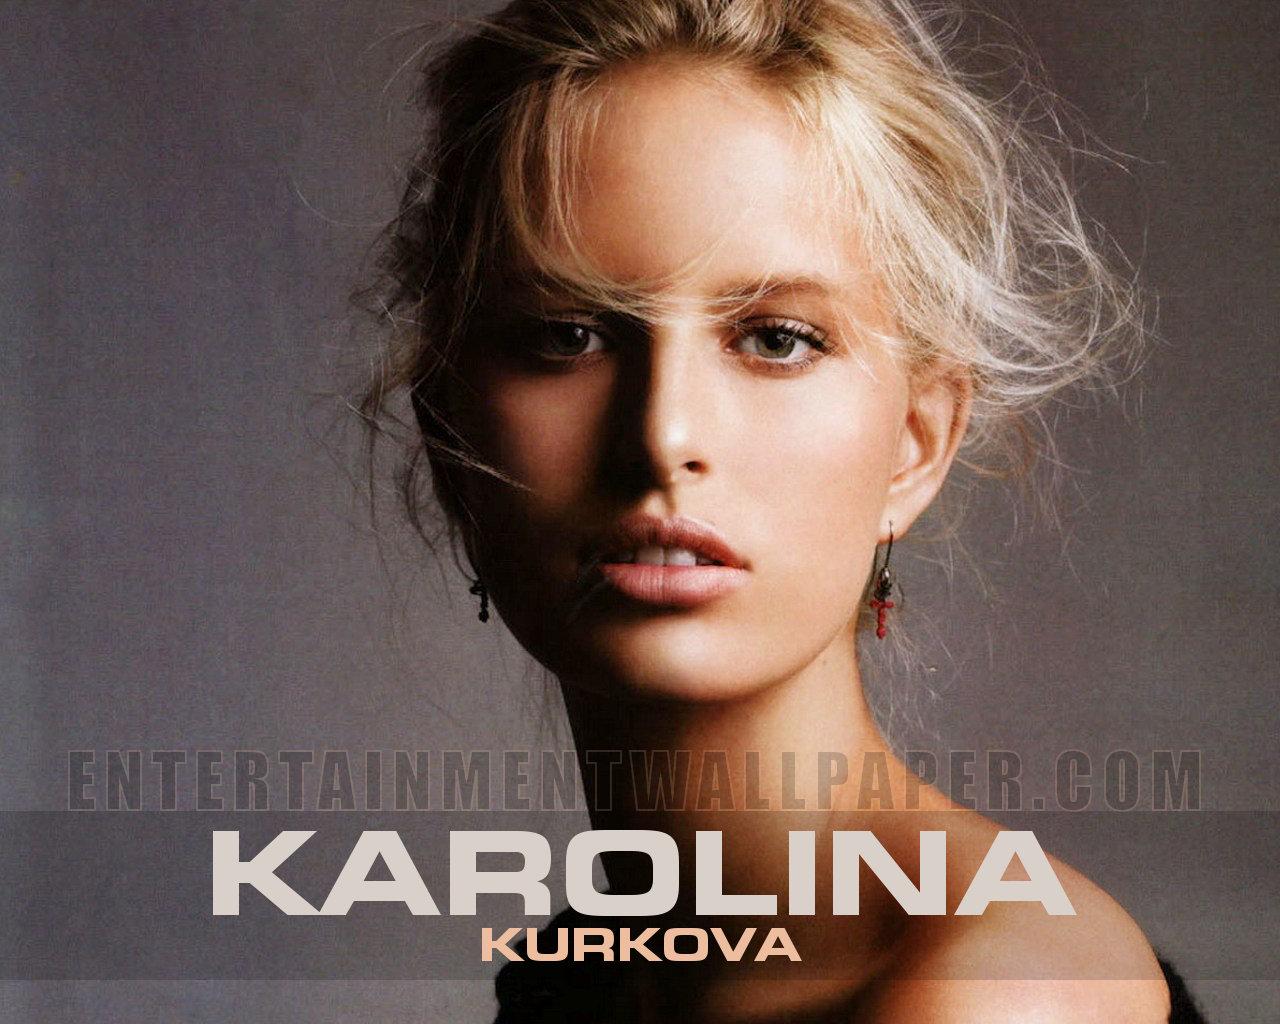 http://1.bp.blogspot.com/-398kS7LG8XA/UKLLgQFz8tI/AAAAAAAB024/usQfLhmuJYw/s1600/karolina_kurkova18.jpg